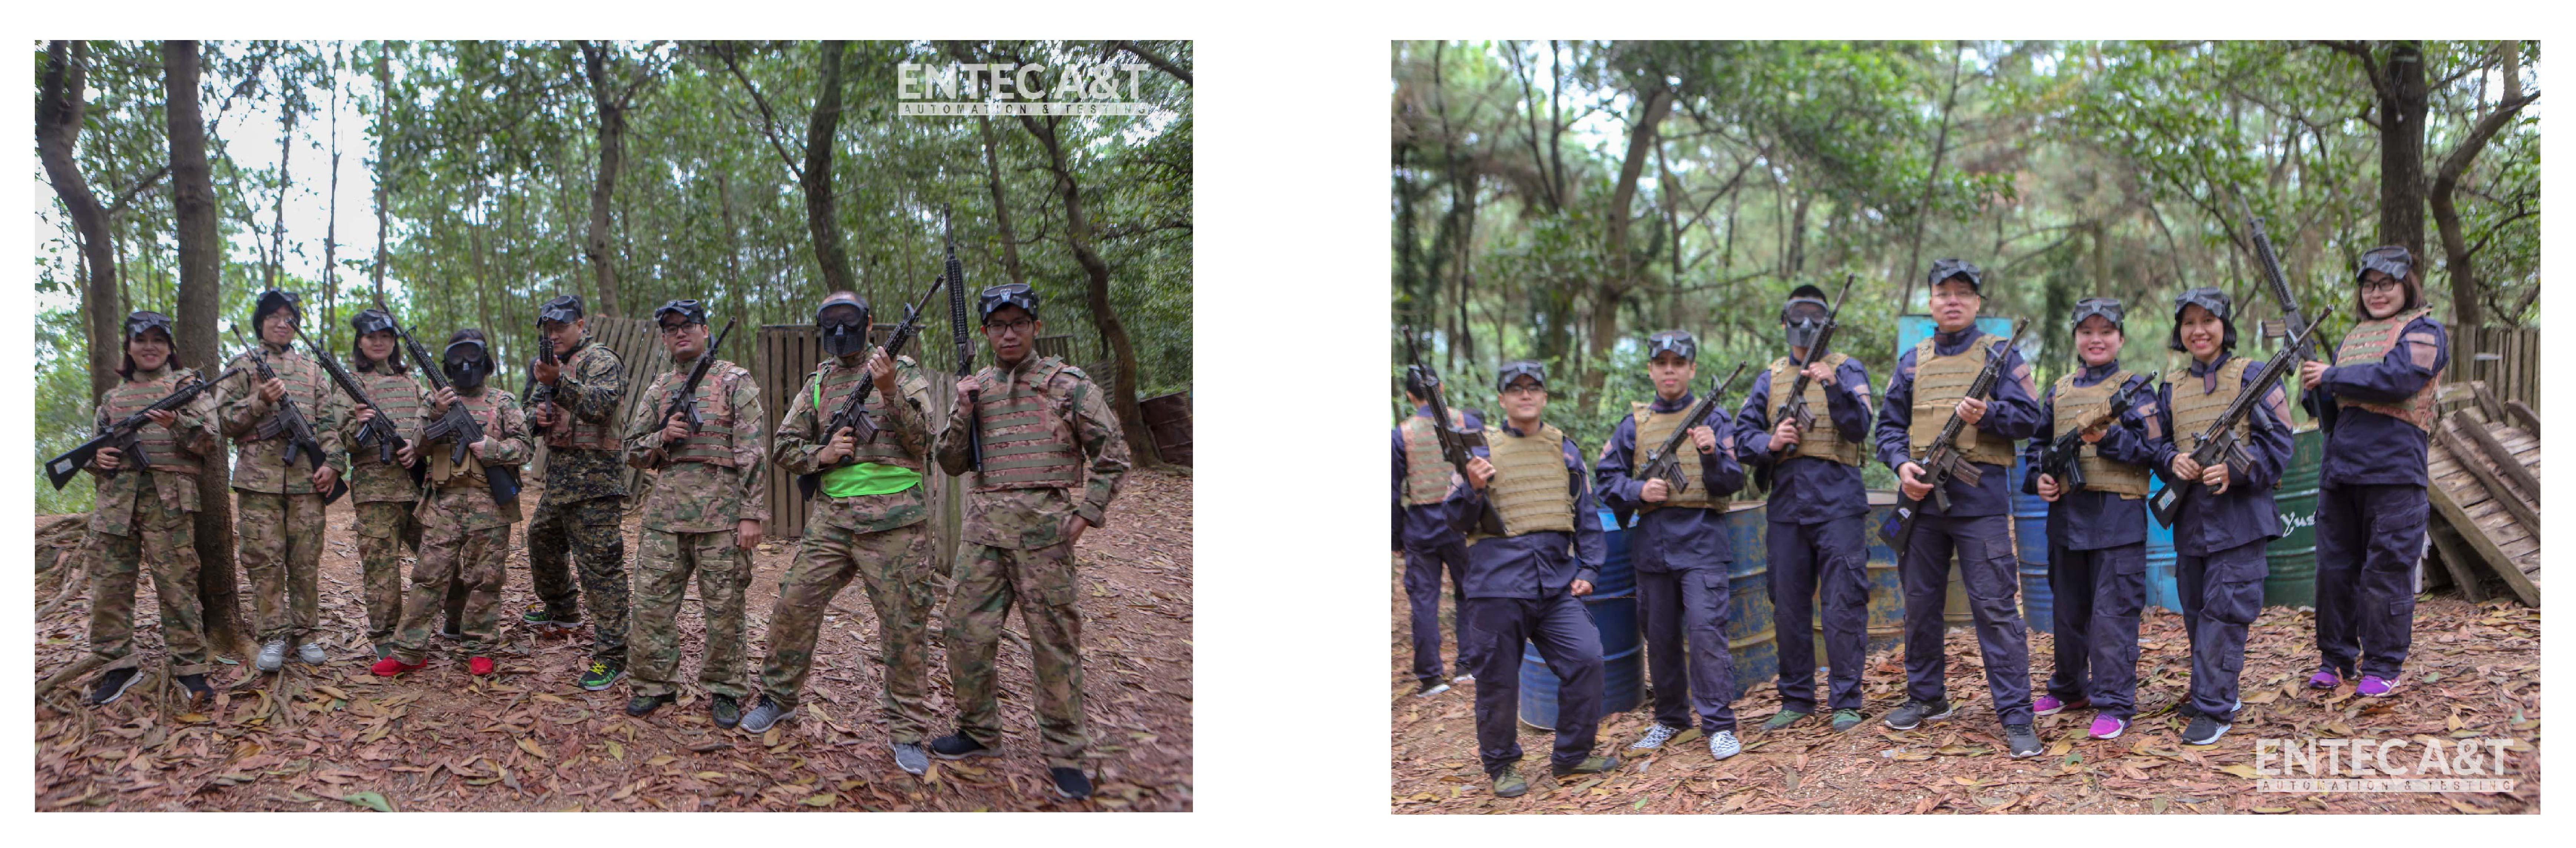 ENTEC A&T 3rd Bday-09